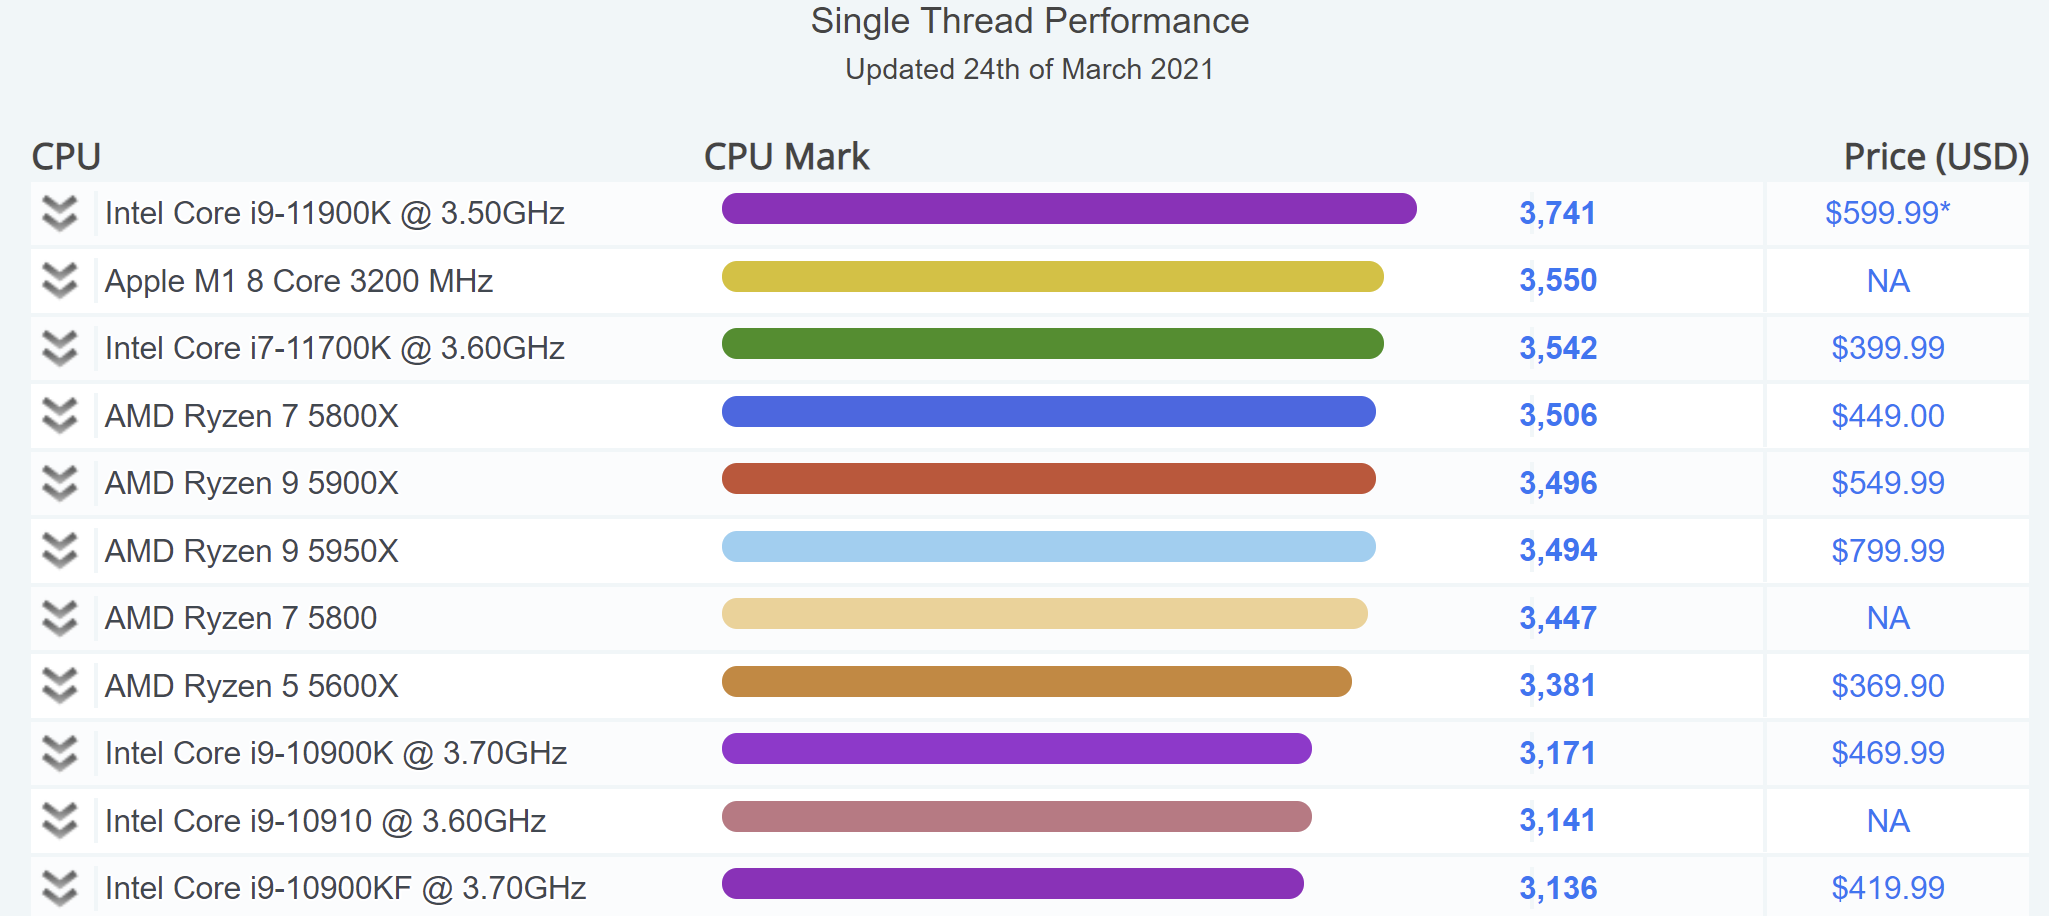 Процессор Apple M1 опередил большинство 8-ядерных CPU Intel и AMD в однопоточном рейтинге PassMark